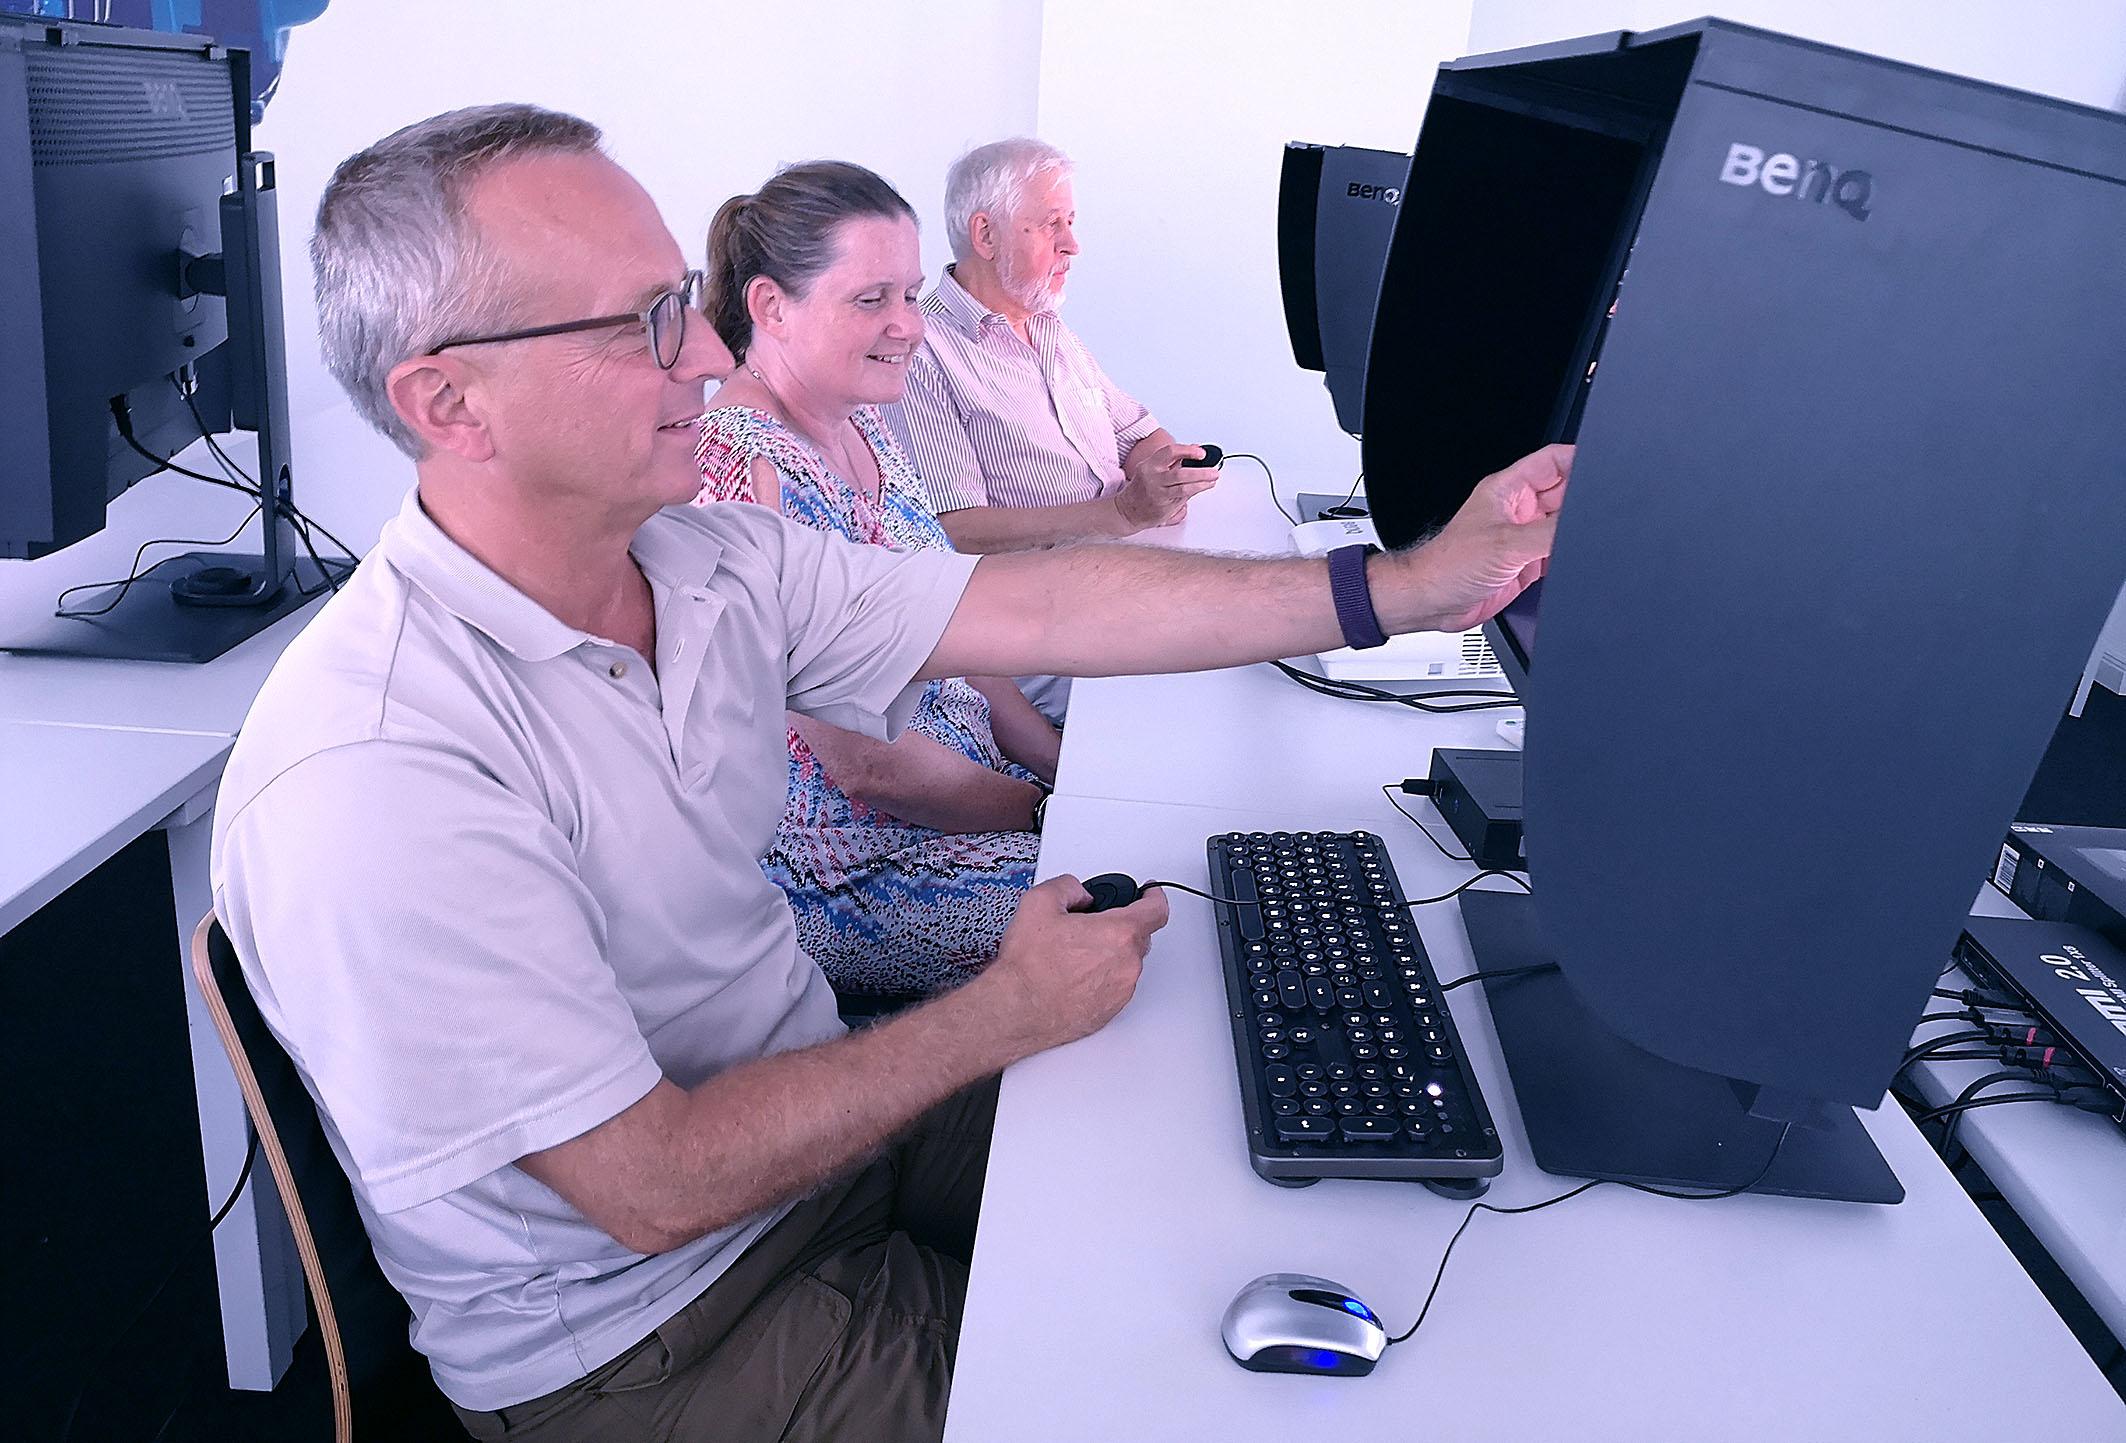 Foto: Michael B. Rehders - Sichtbar viel Spaß hatten die Teilnehmer beim Umgang mit dem Hotkey-Puk, mit dem ganz bequem durchs On-Screen-Menü der BenQ-Monitore navigiert werden kann.